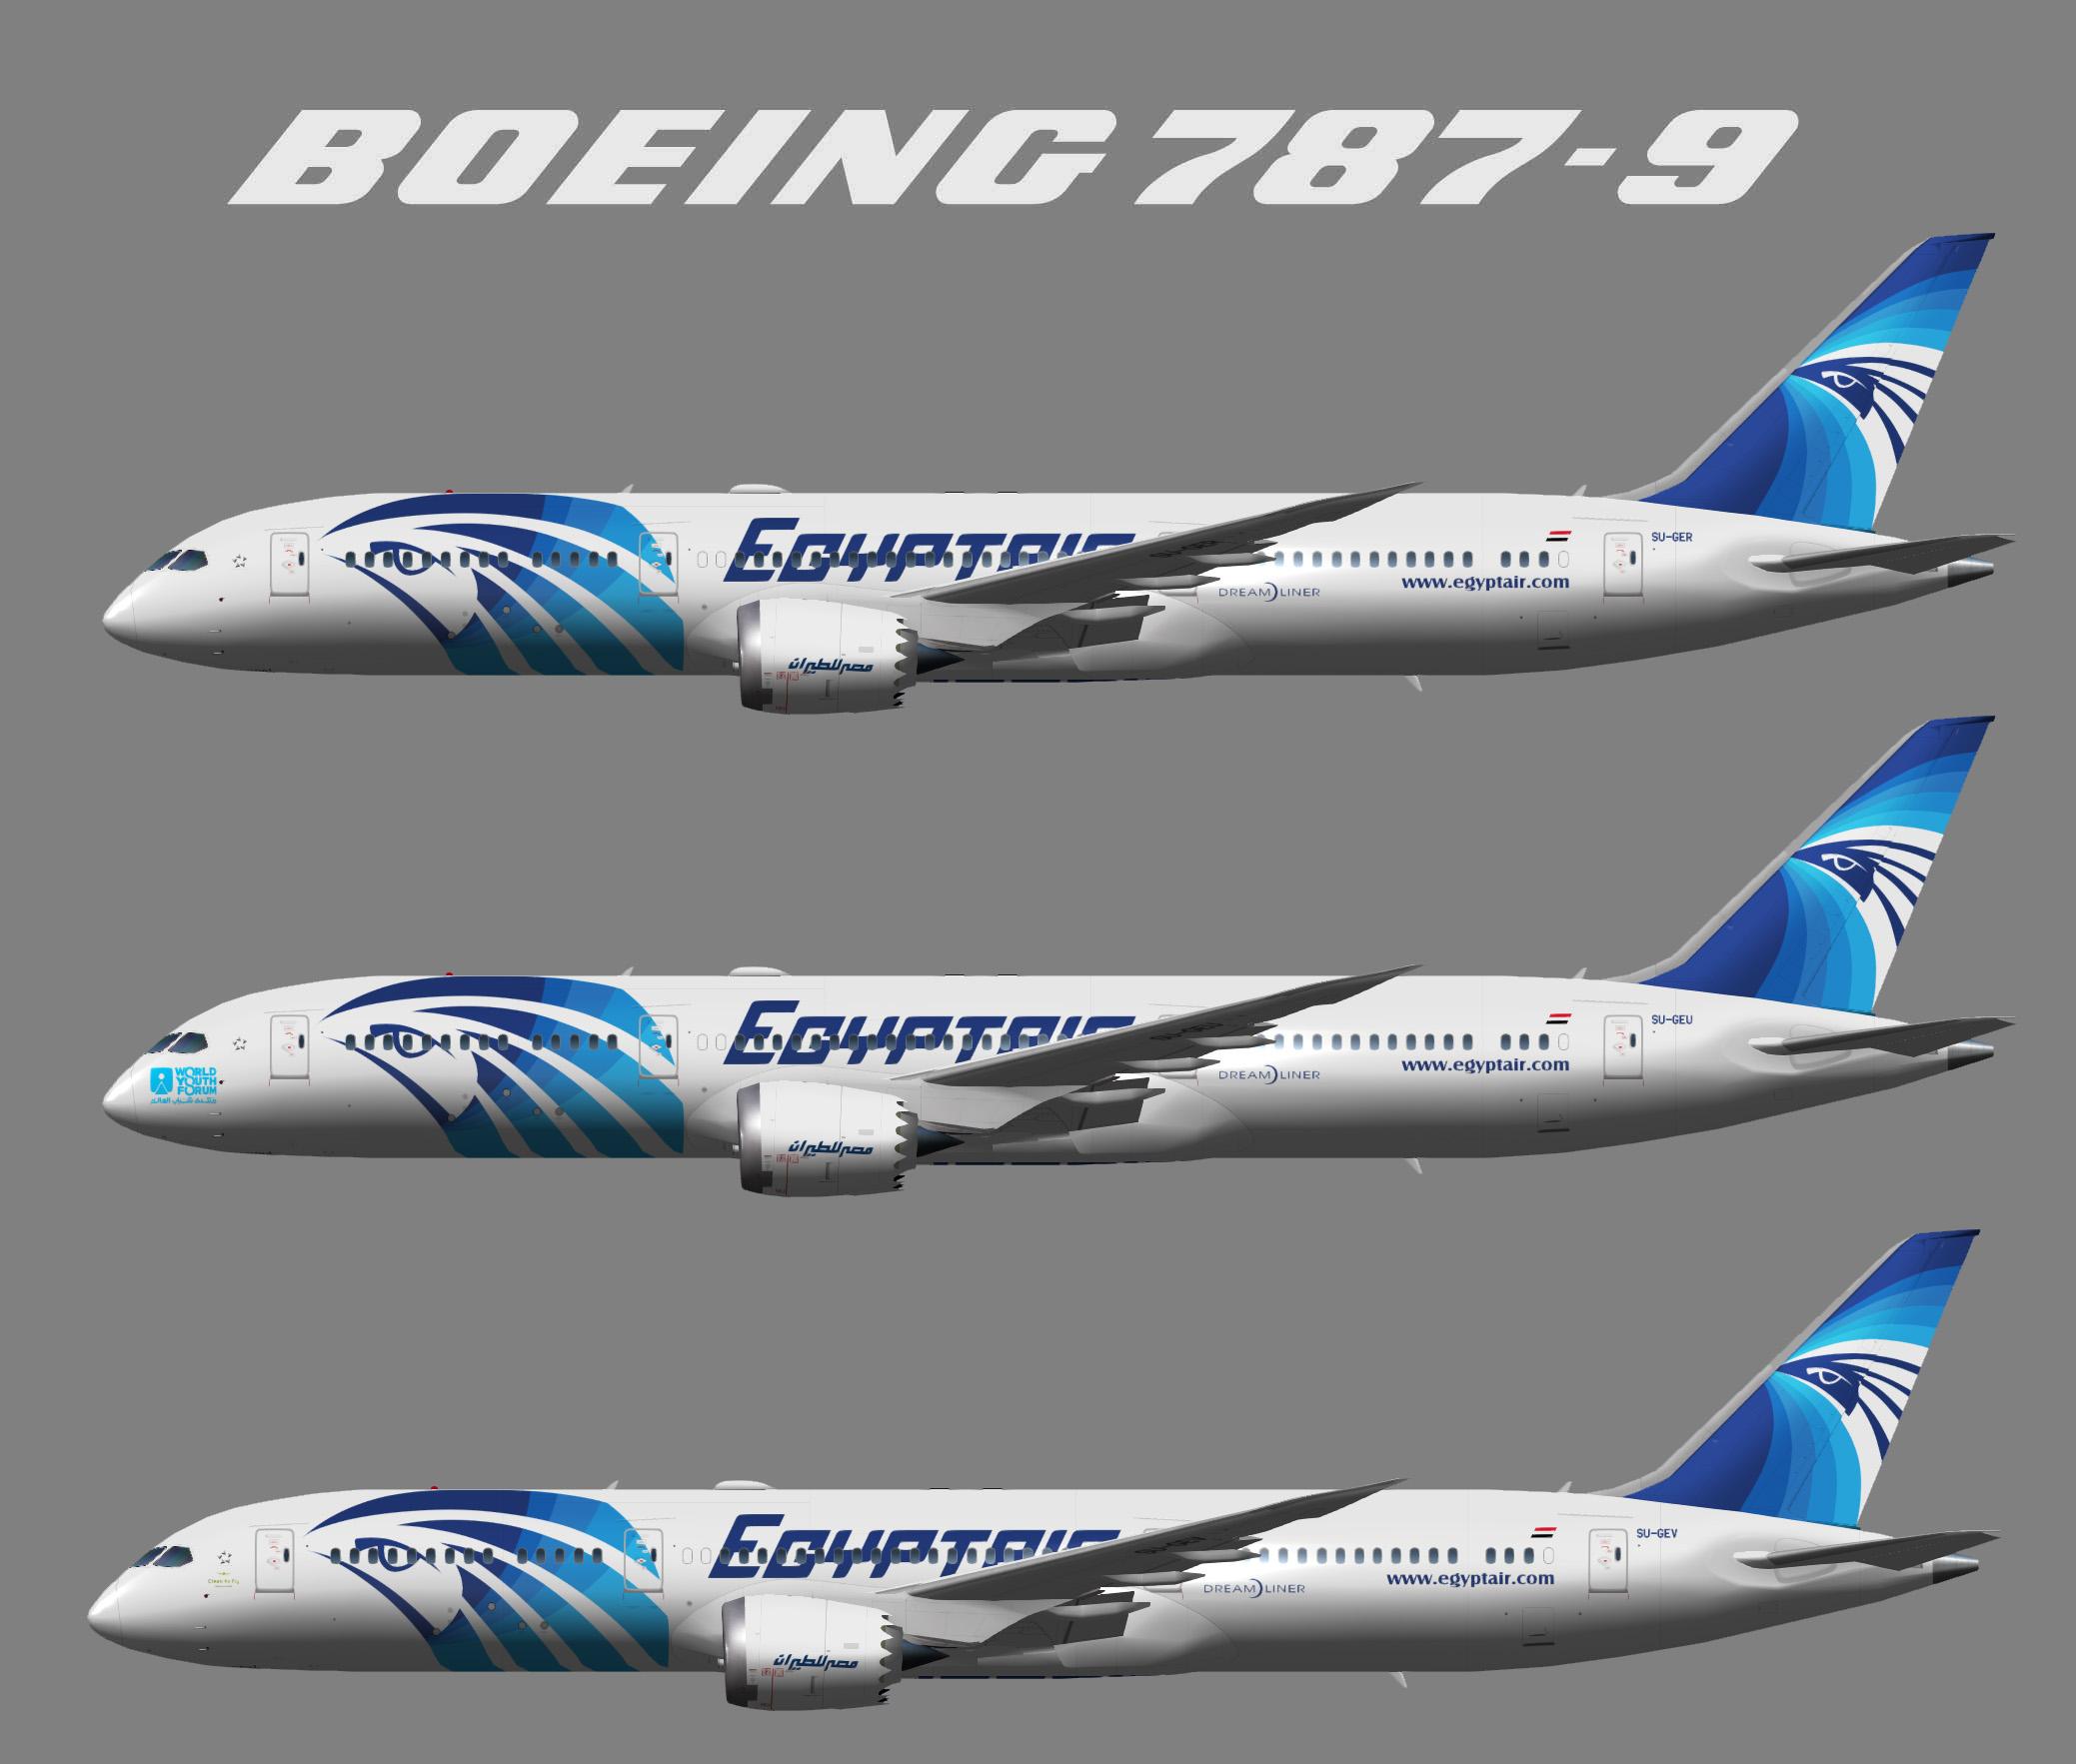 Egyptair Boeing 787-9 (UTT)